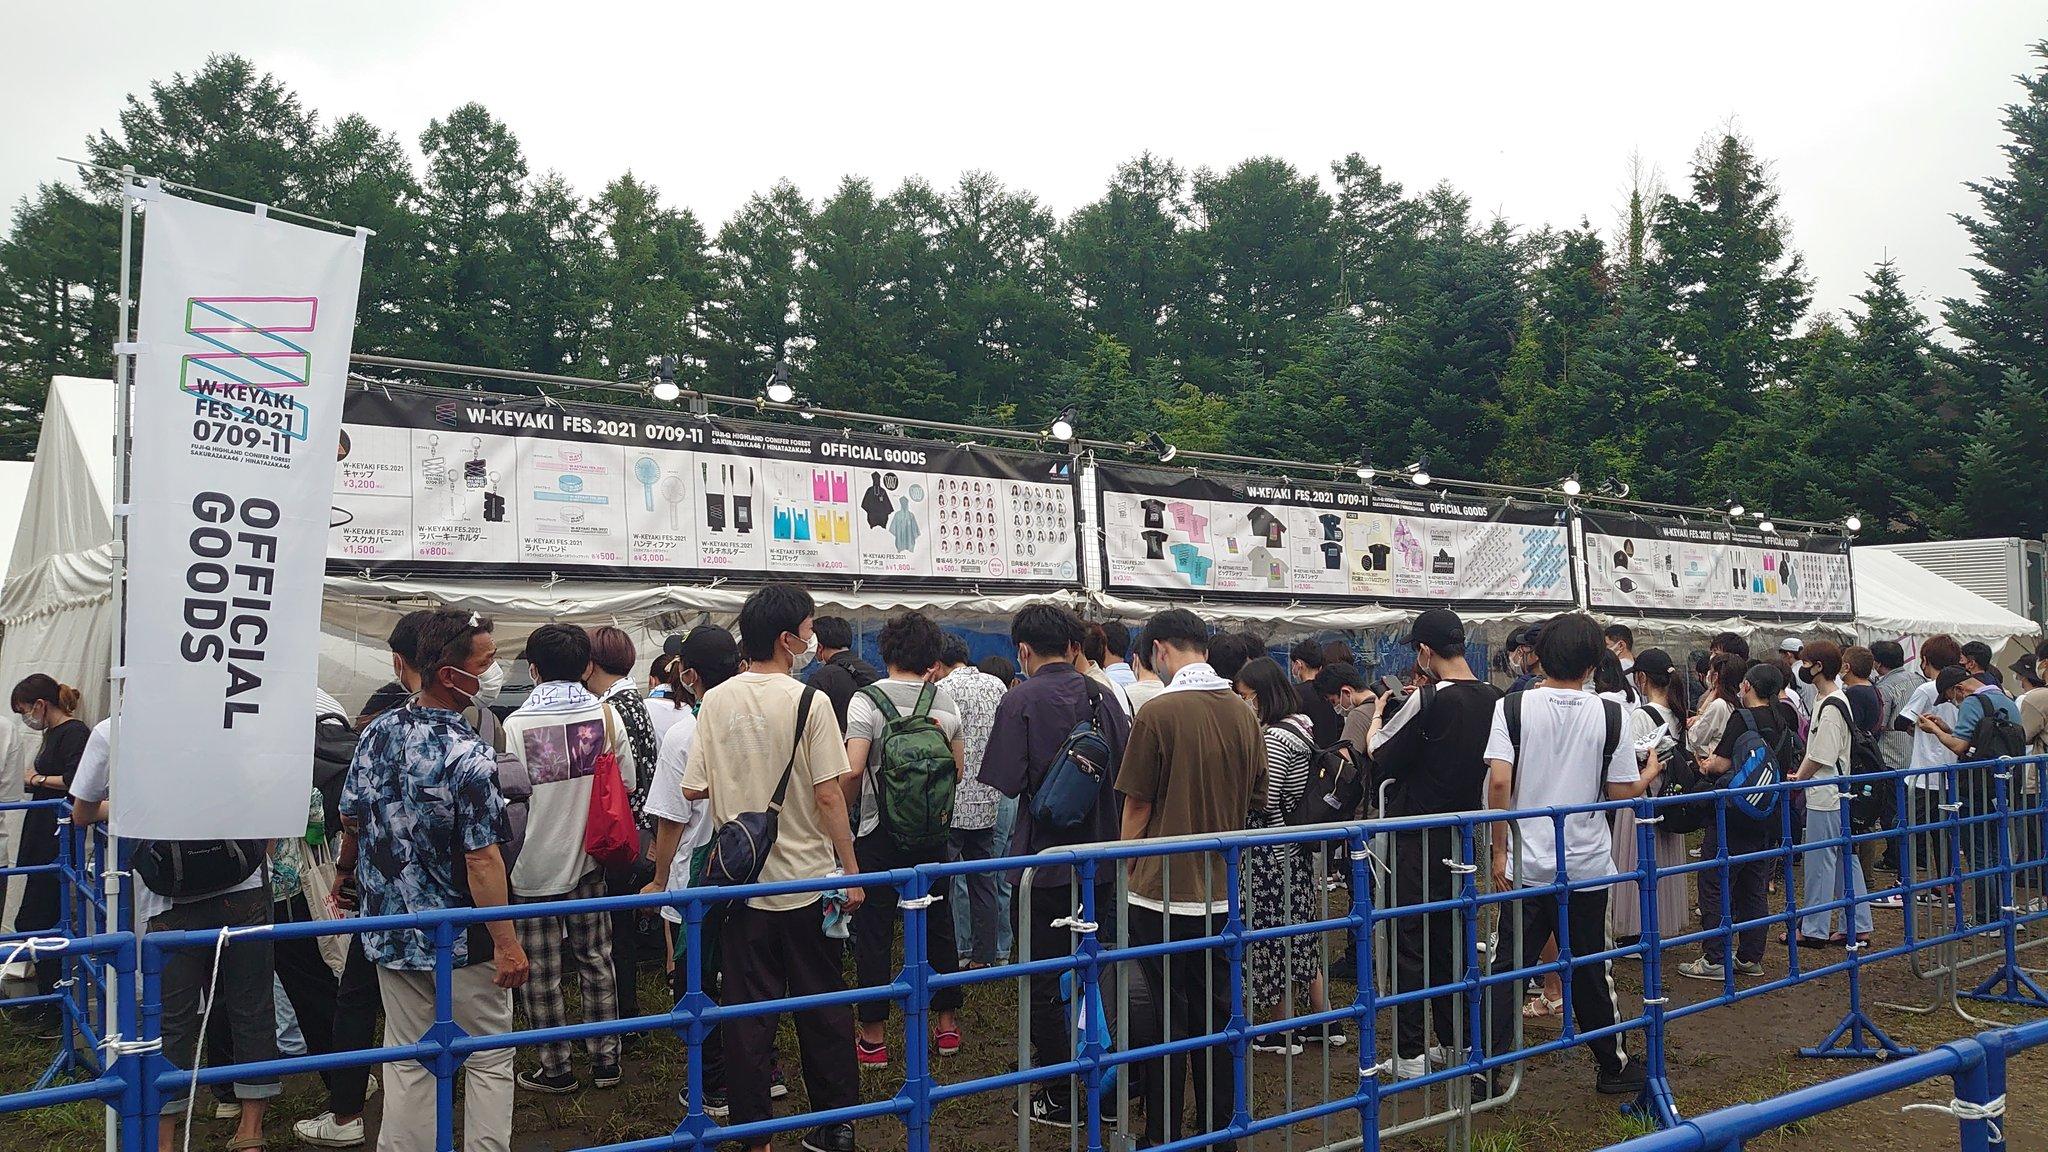 【画像】 櫻坂46ファンの客層をご覧くださいwwwwwwwwwwwwwwwwwwwwwww